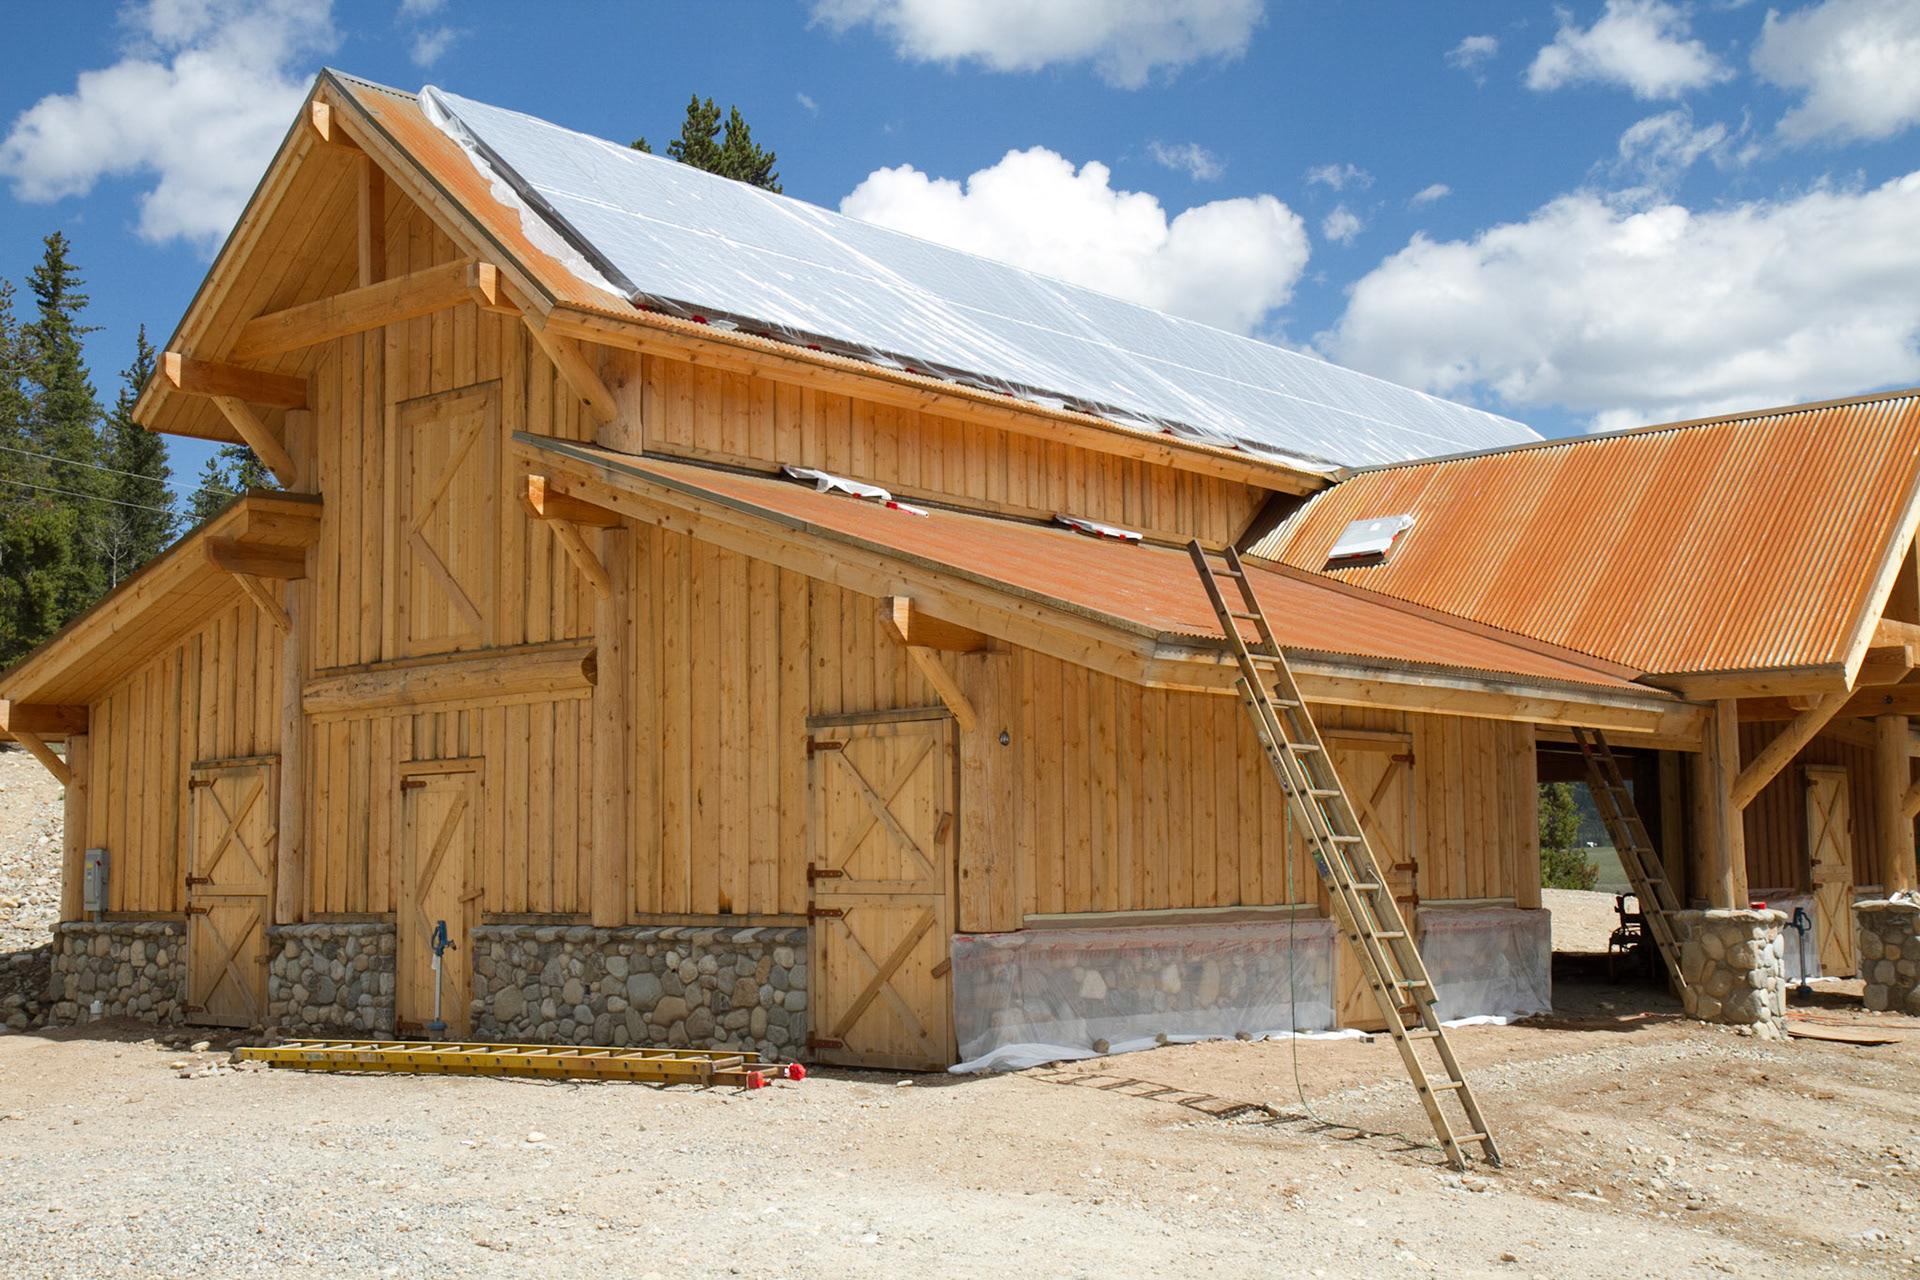 Pleasing Log Home Restoration Colorado Fairplay Colorado New Build Download Free Architecture Designs Jebrpmadebymaigaardcom